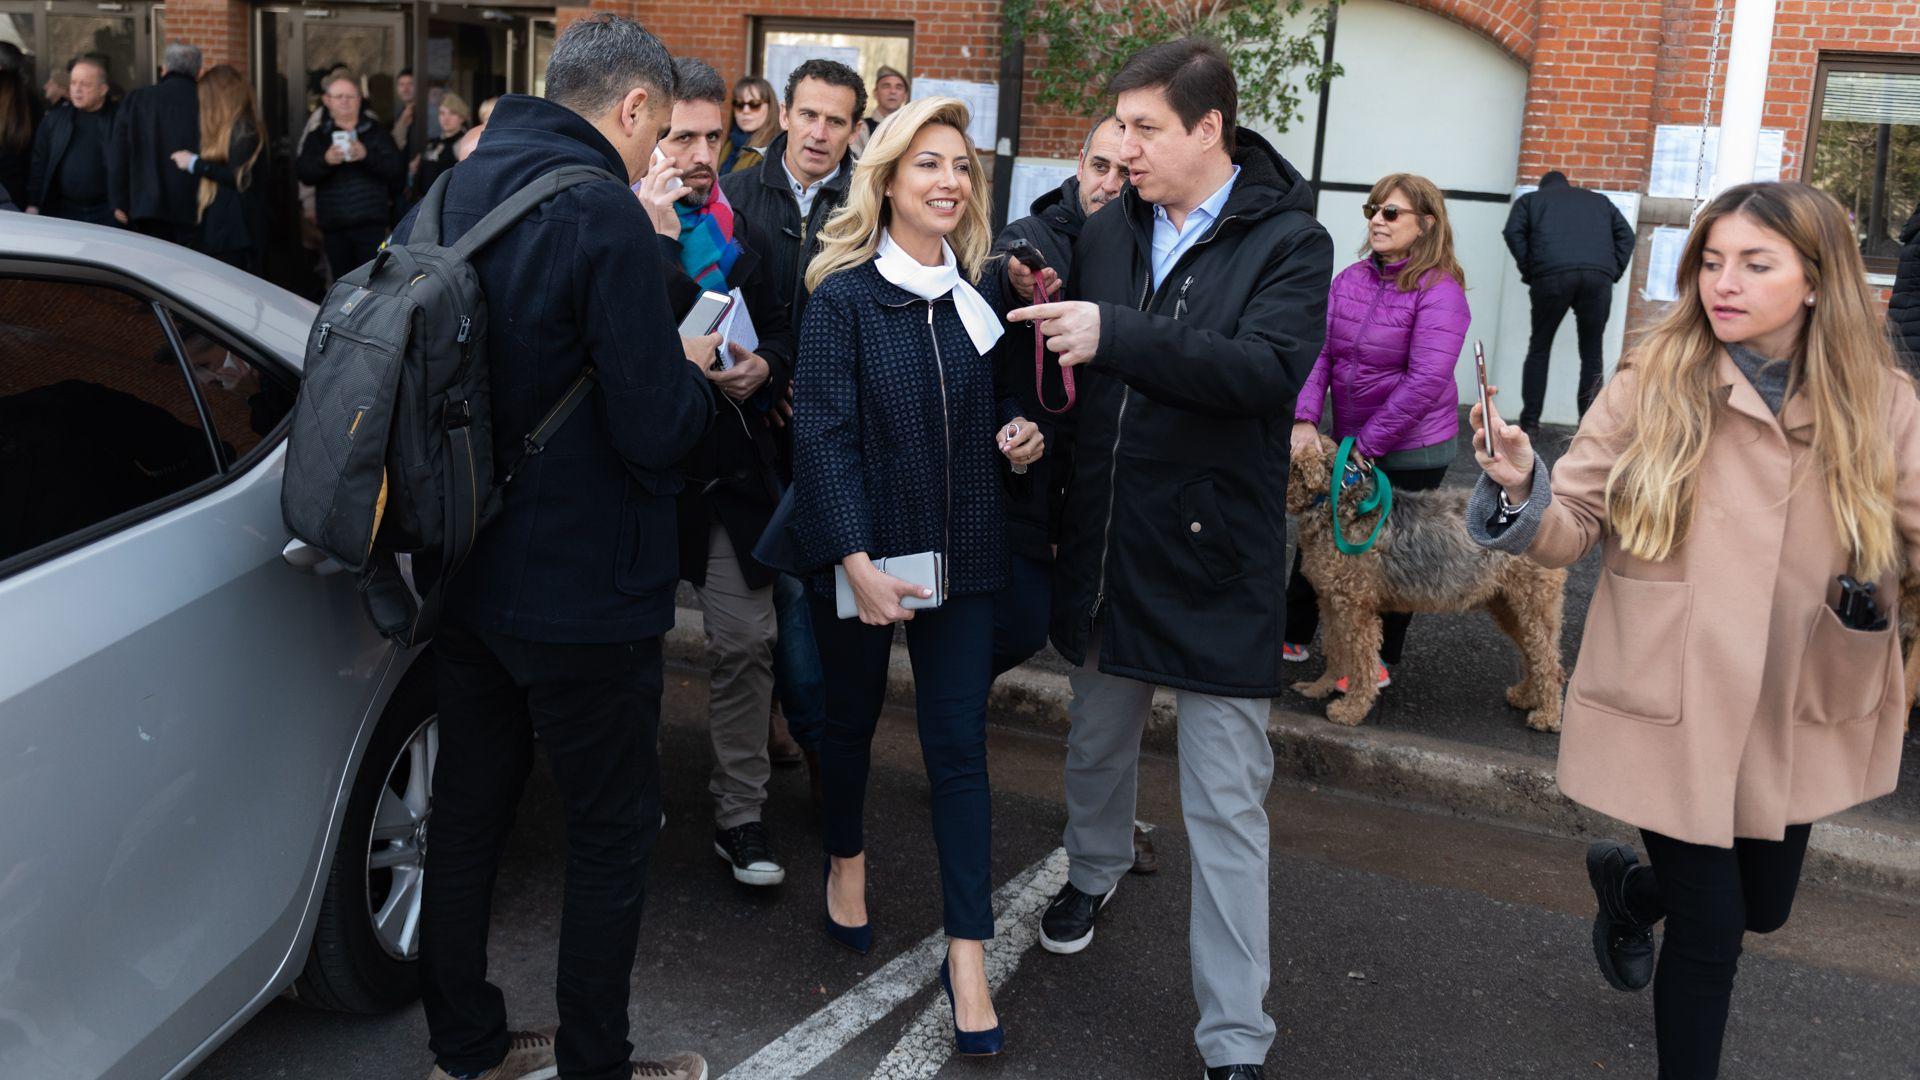 Fabiola, la mujer de Alberto Fernández con un look muy formal con stilettos (Adrián Escandar/Infobae)